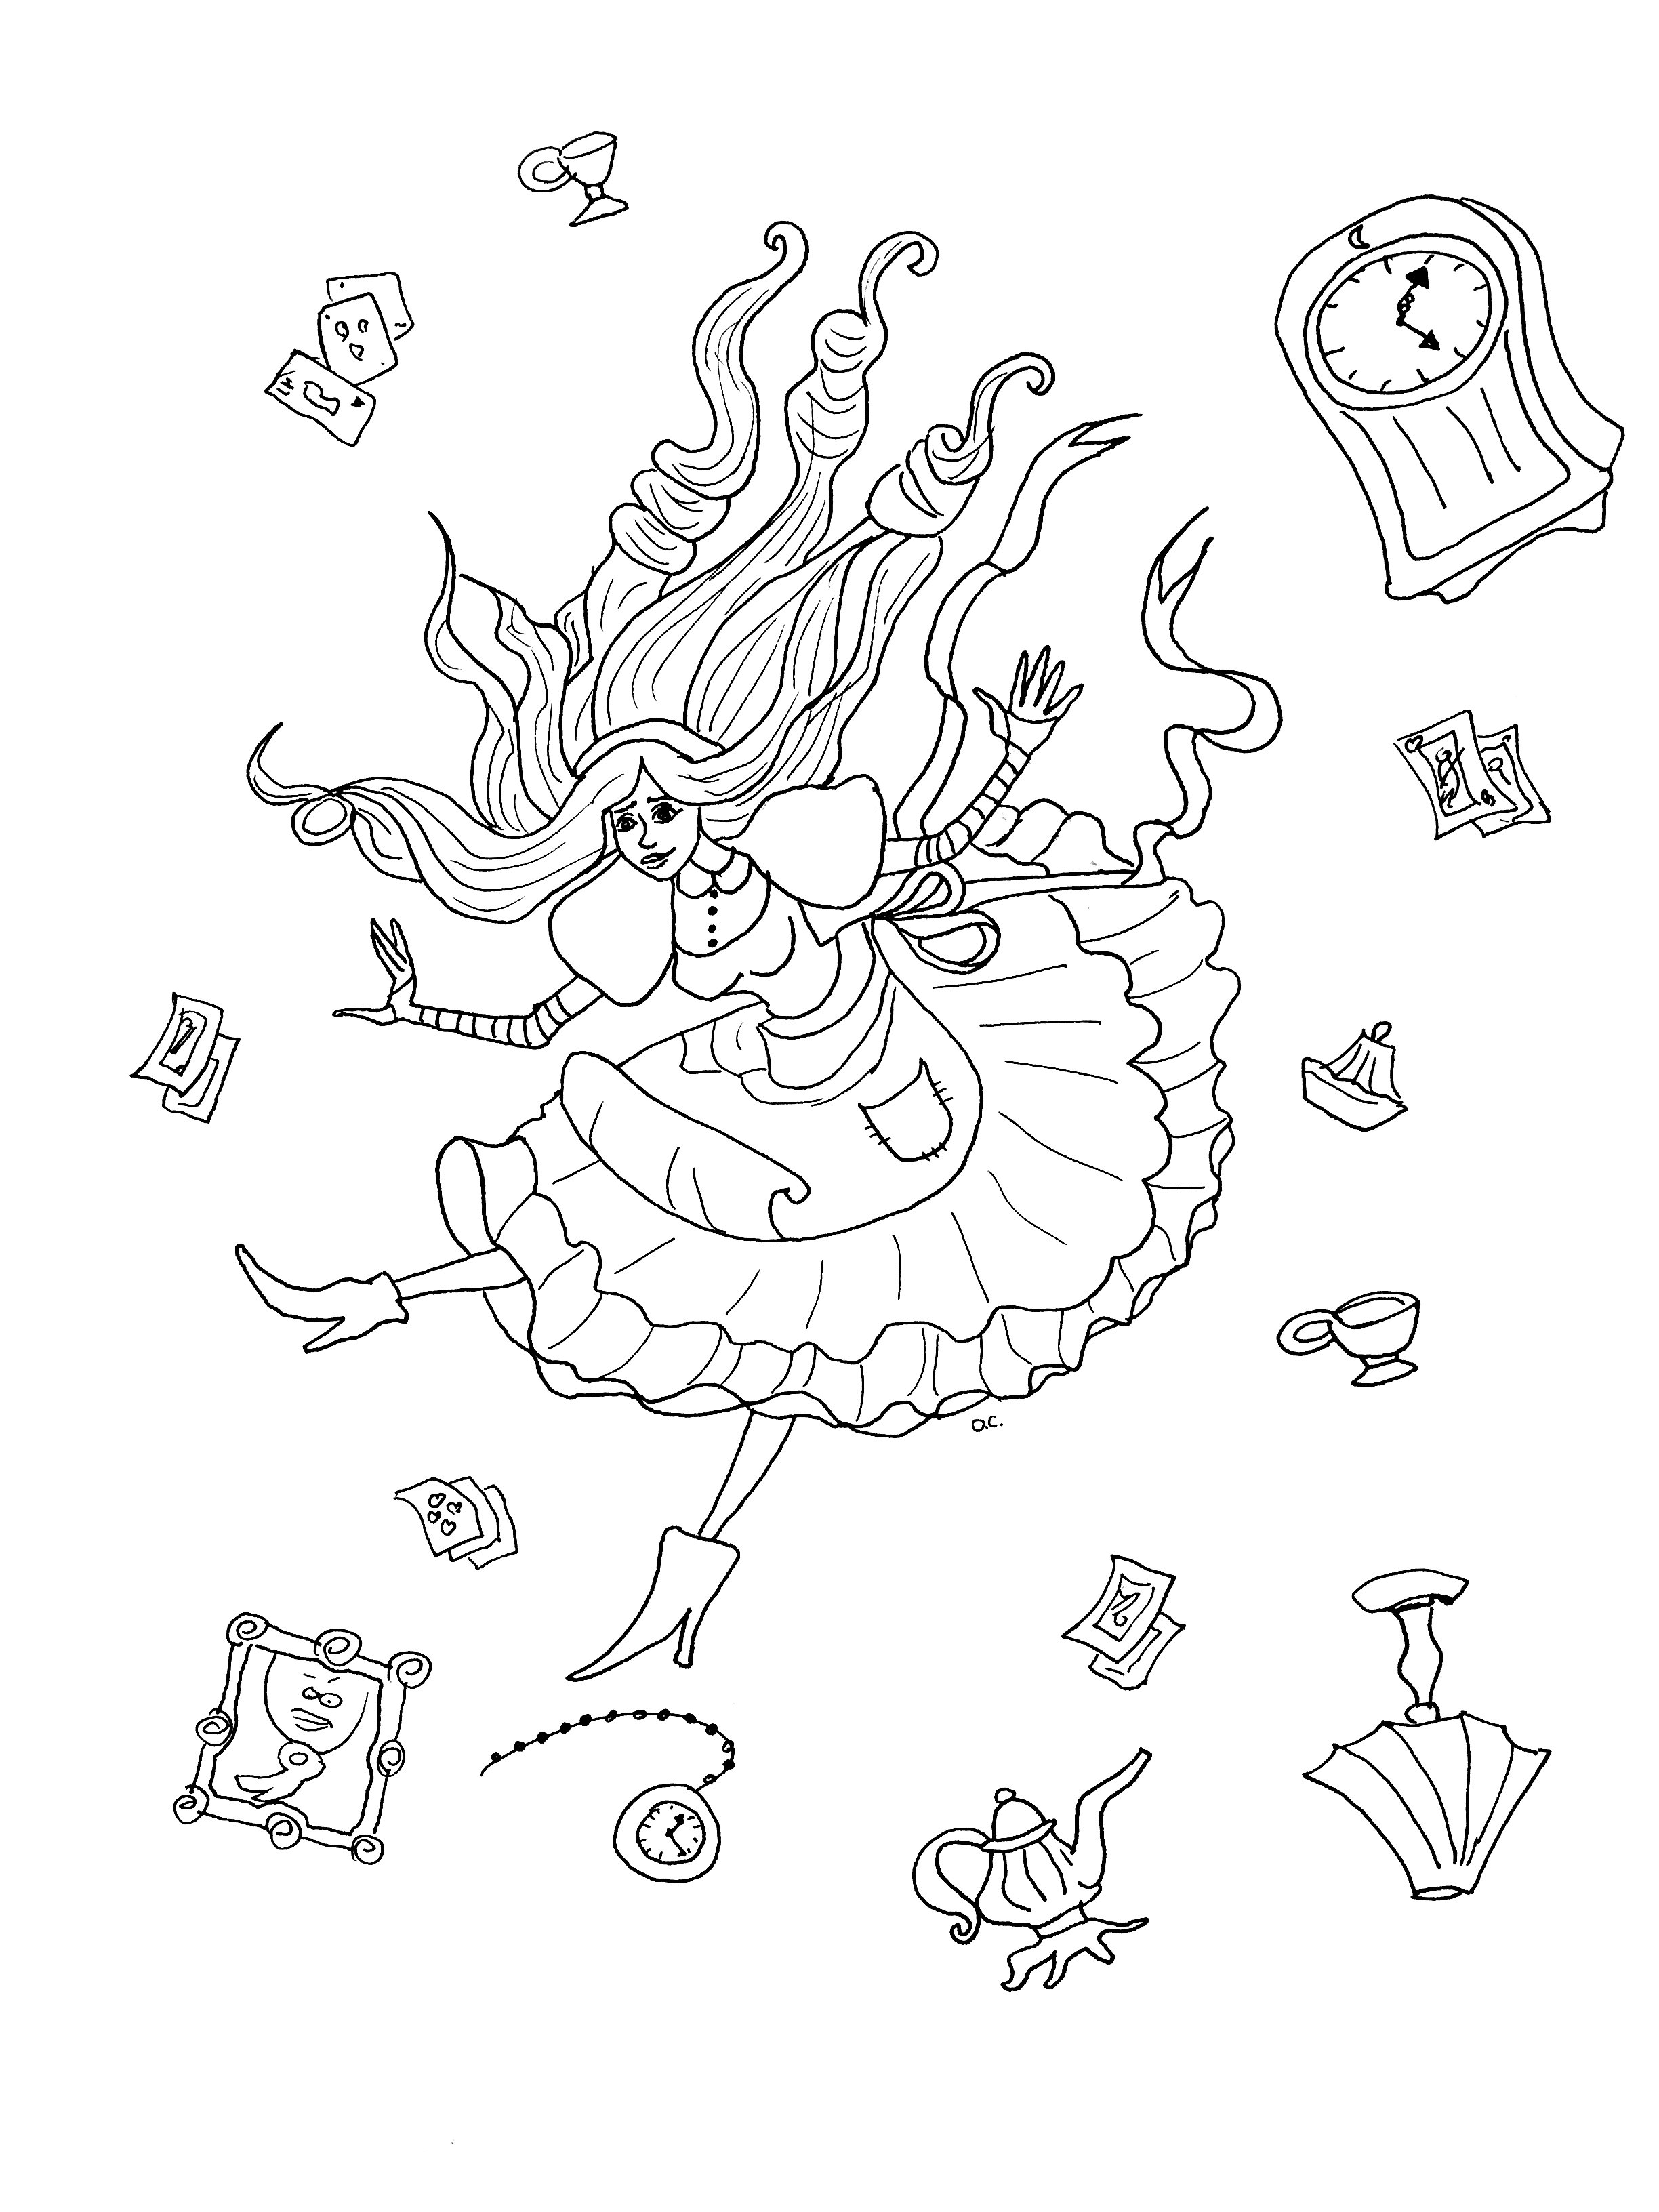 Coloriage original inspiré par Alice au pays des merveilles (version 2 avec objets) | A partir de la galerie : Retour En Enfance | Artiste : Olivier